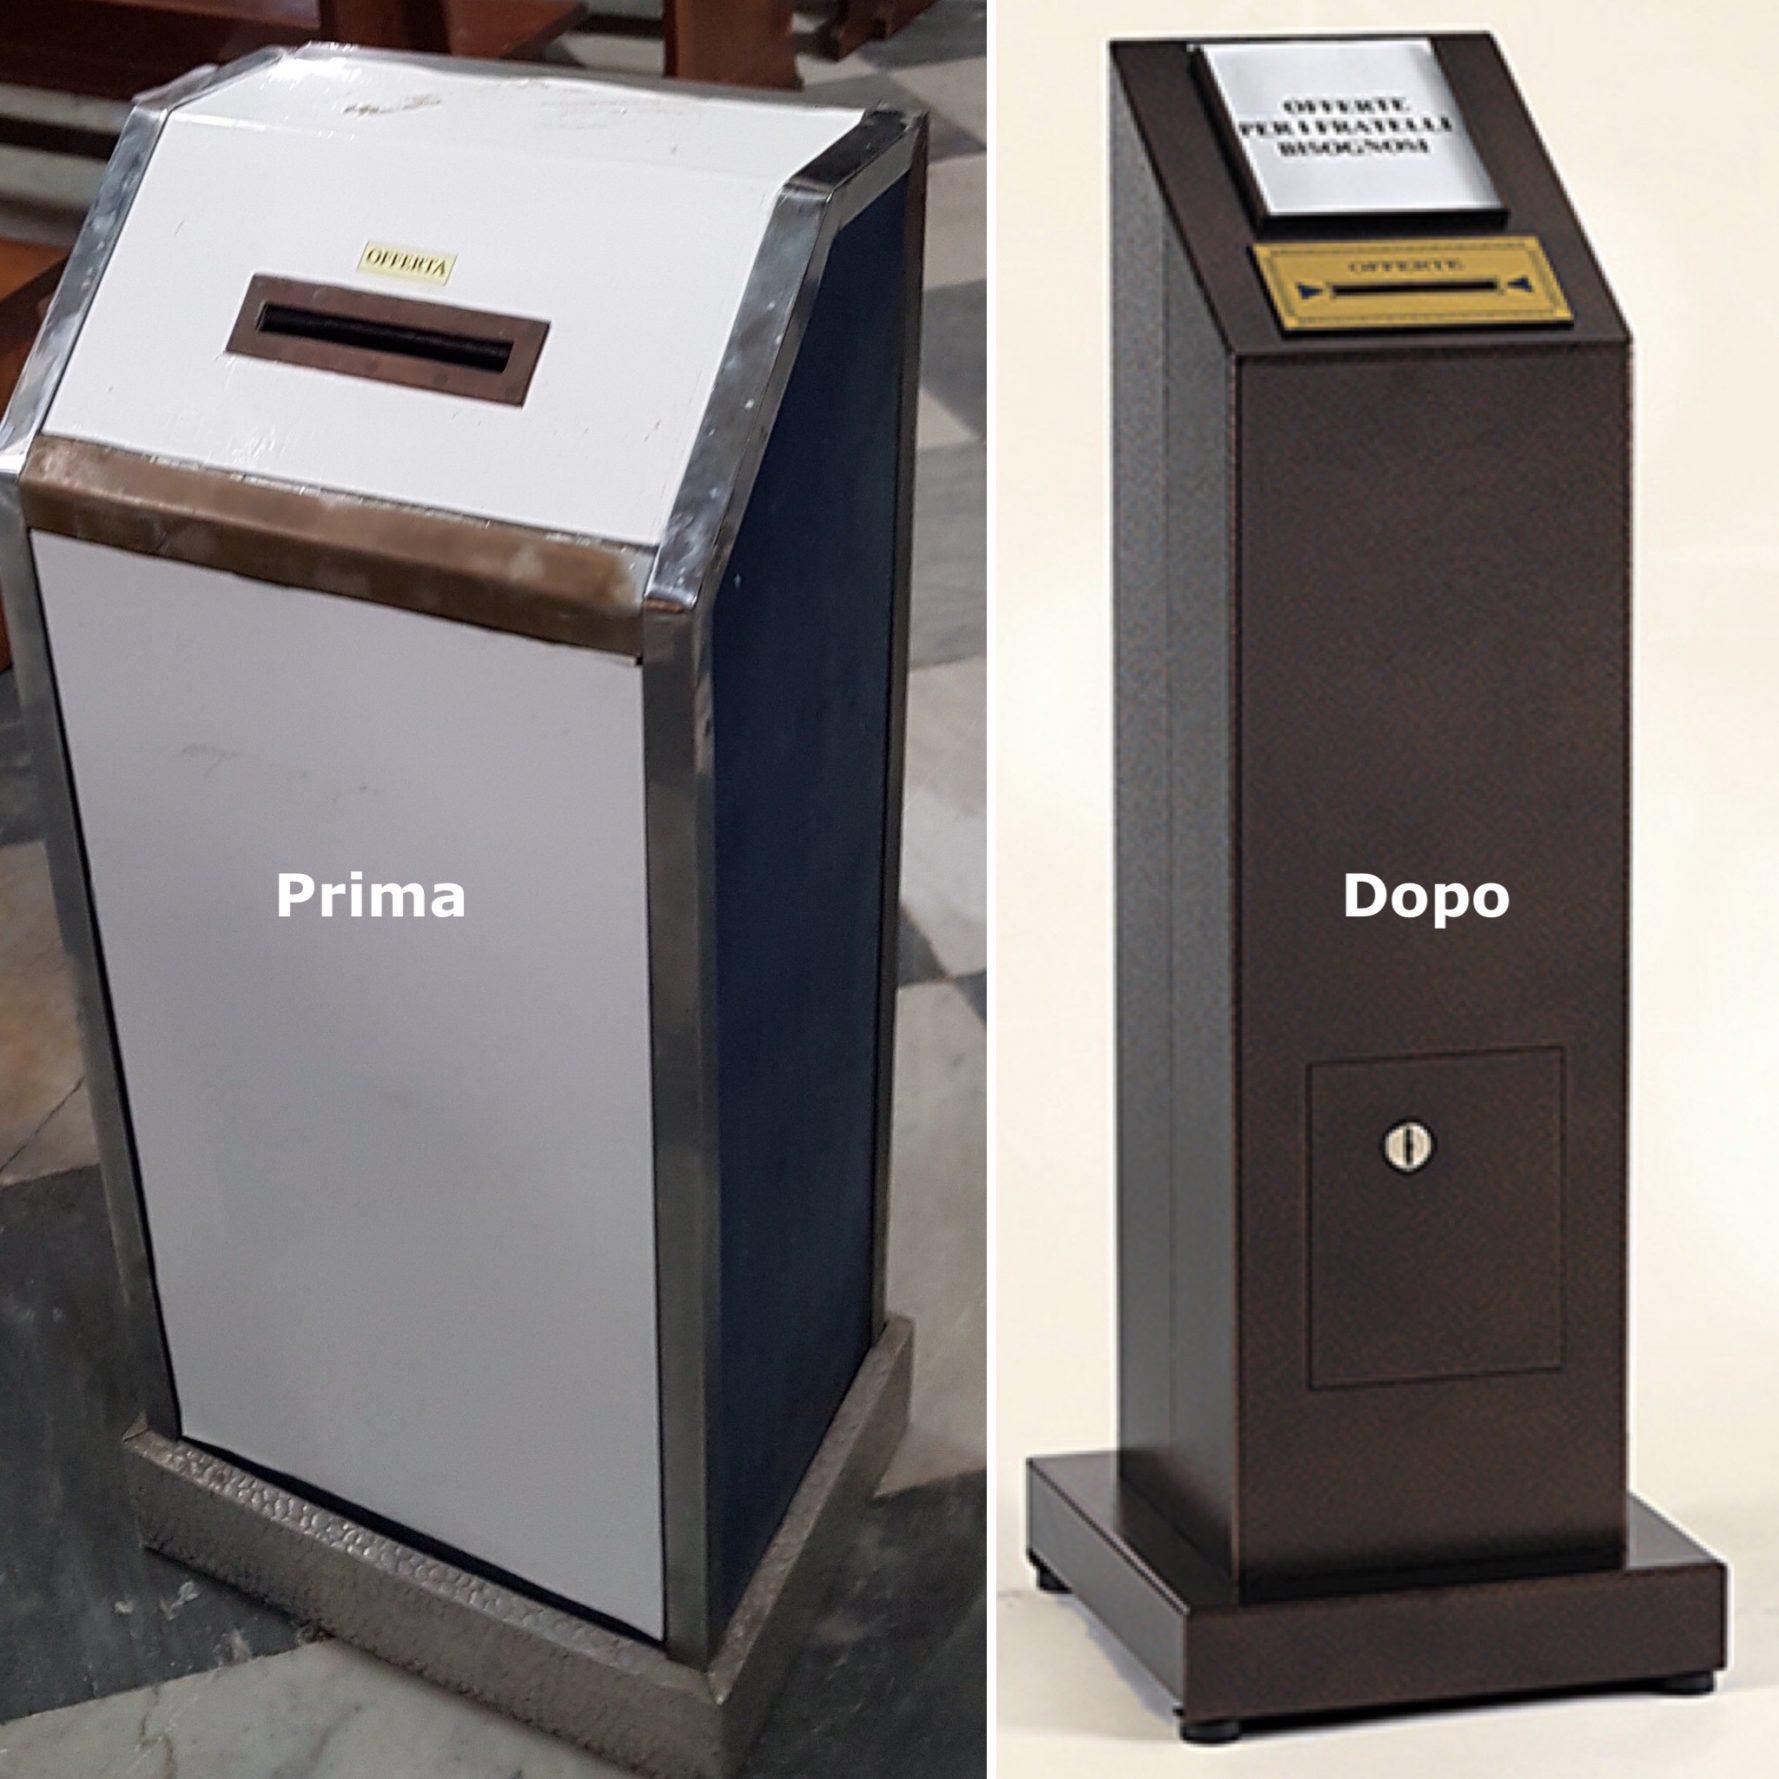 Votivo Arredi Sacri cassette o bussole per offerte